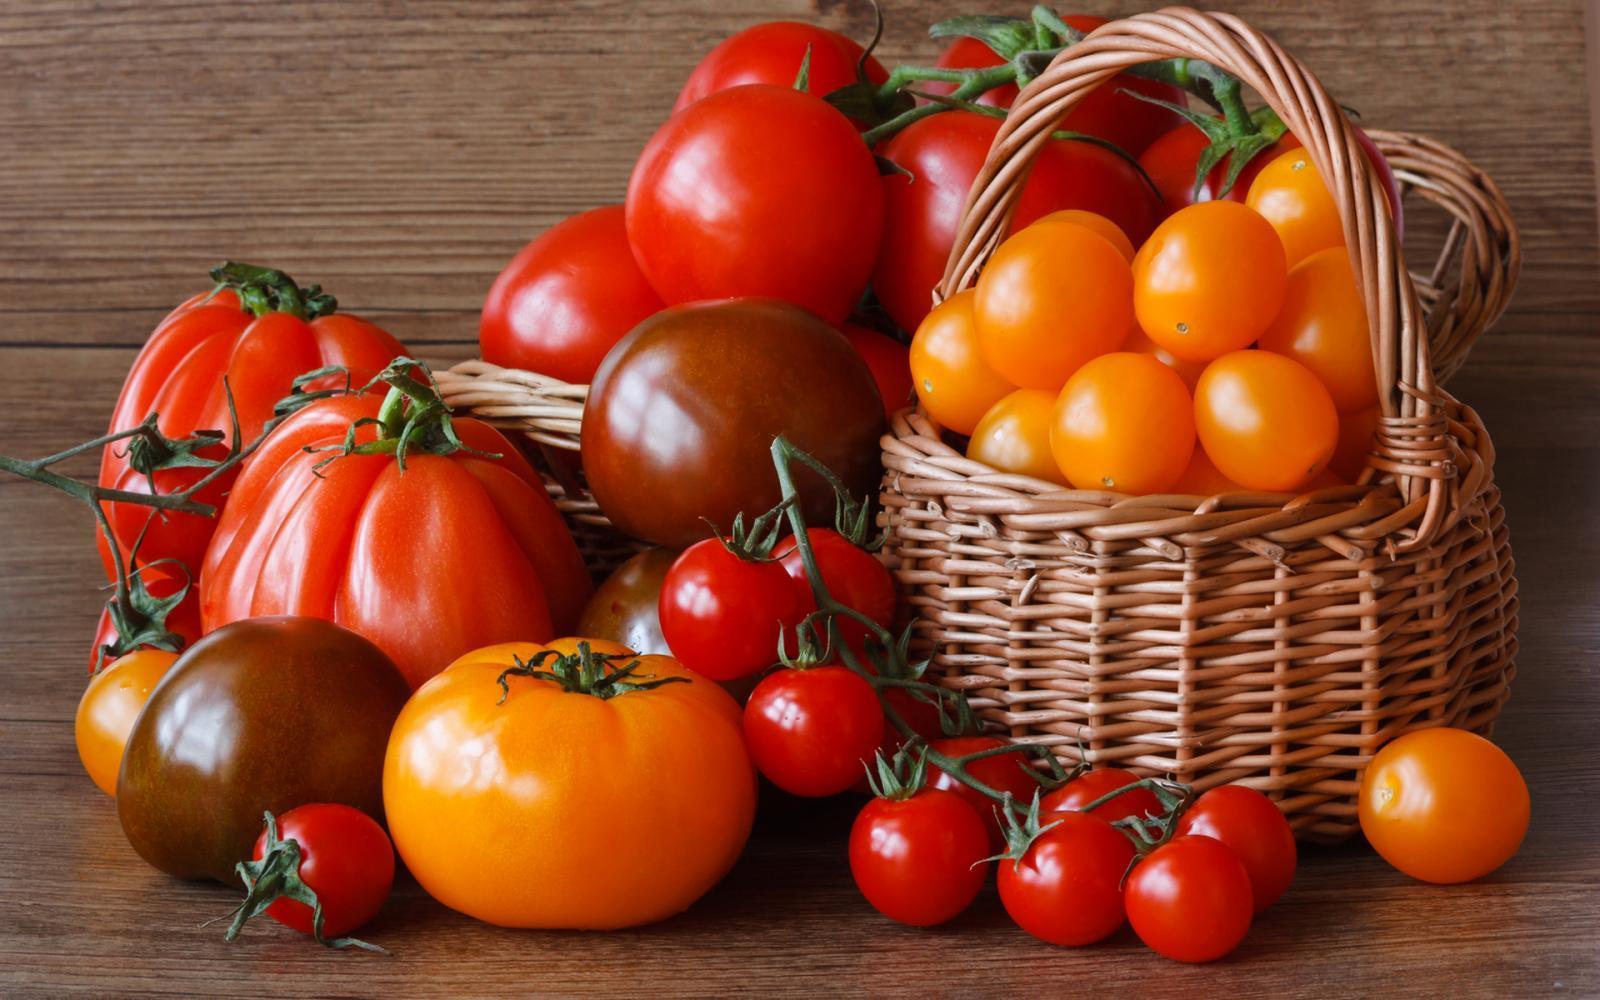 рассада помидор по 2 штуки в лунку